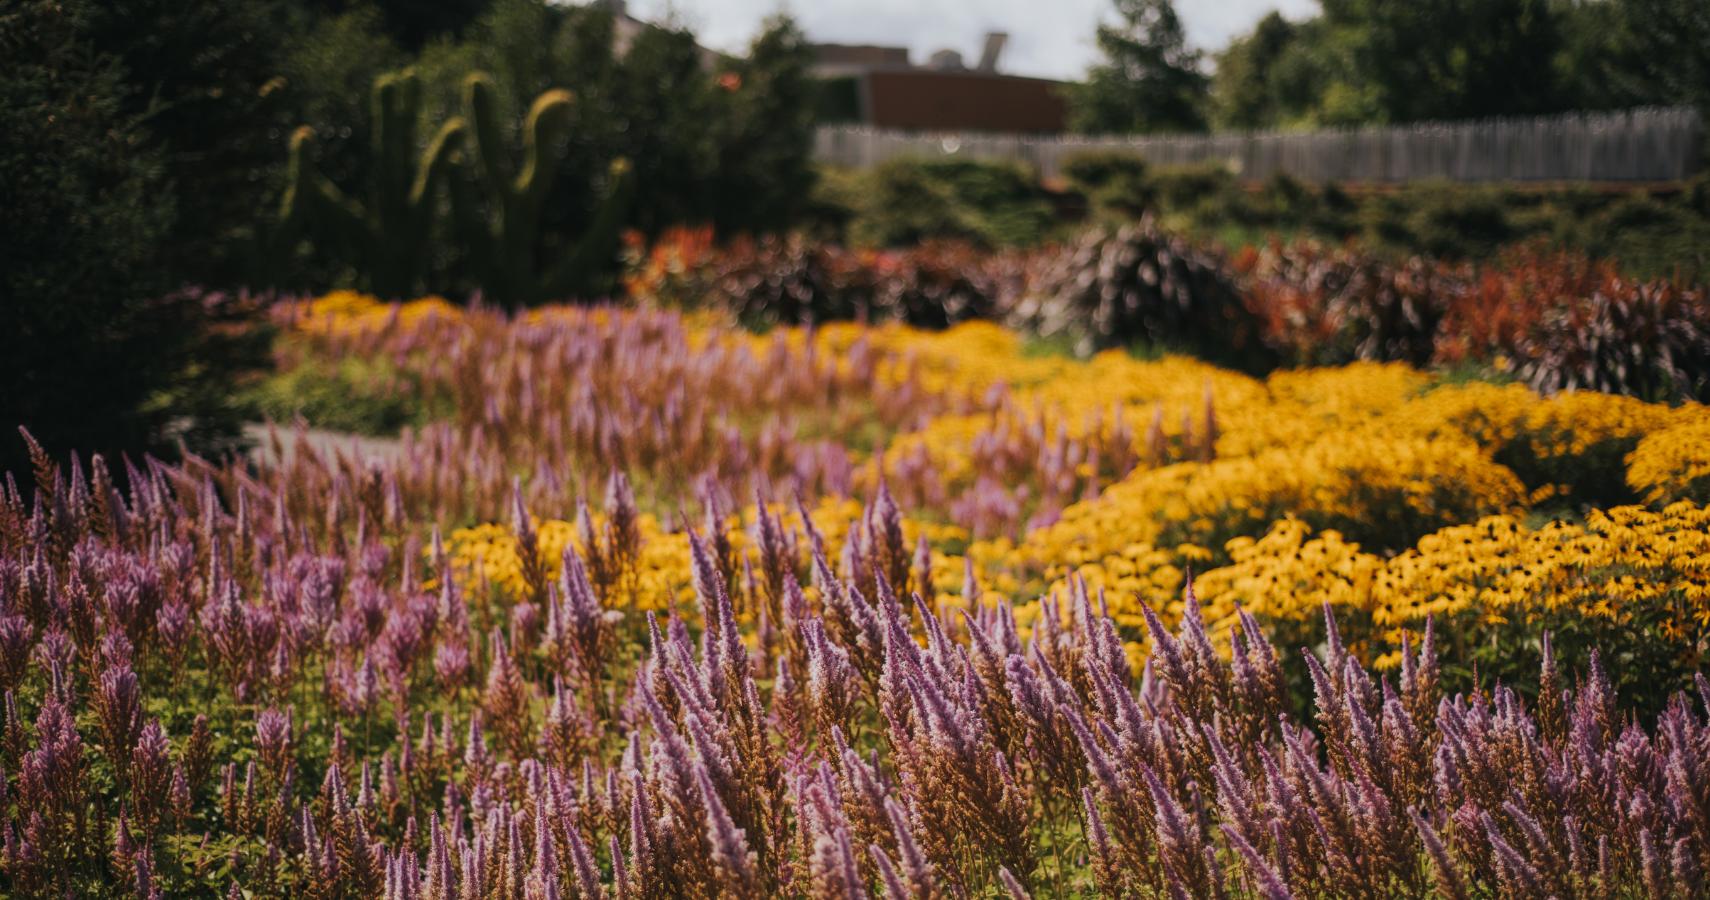 À l'automne, les semences de plusieurs cultivars sont prélevées pour la reproduction en serre - Crédit photo: Les Maximes